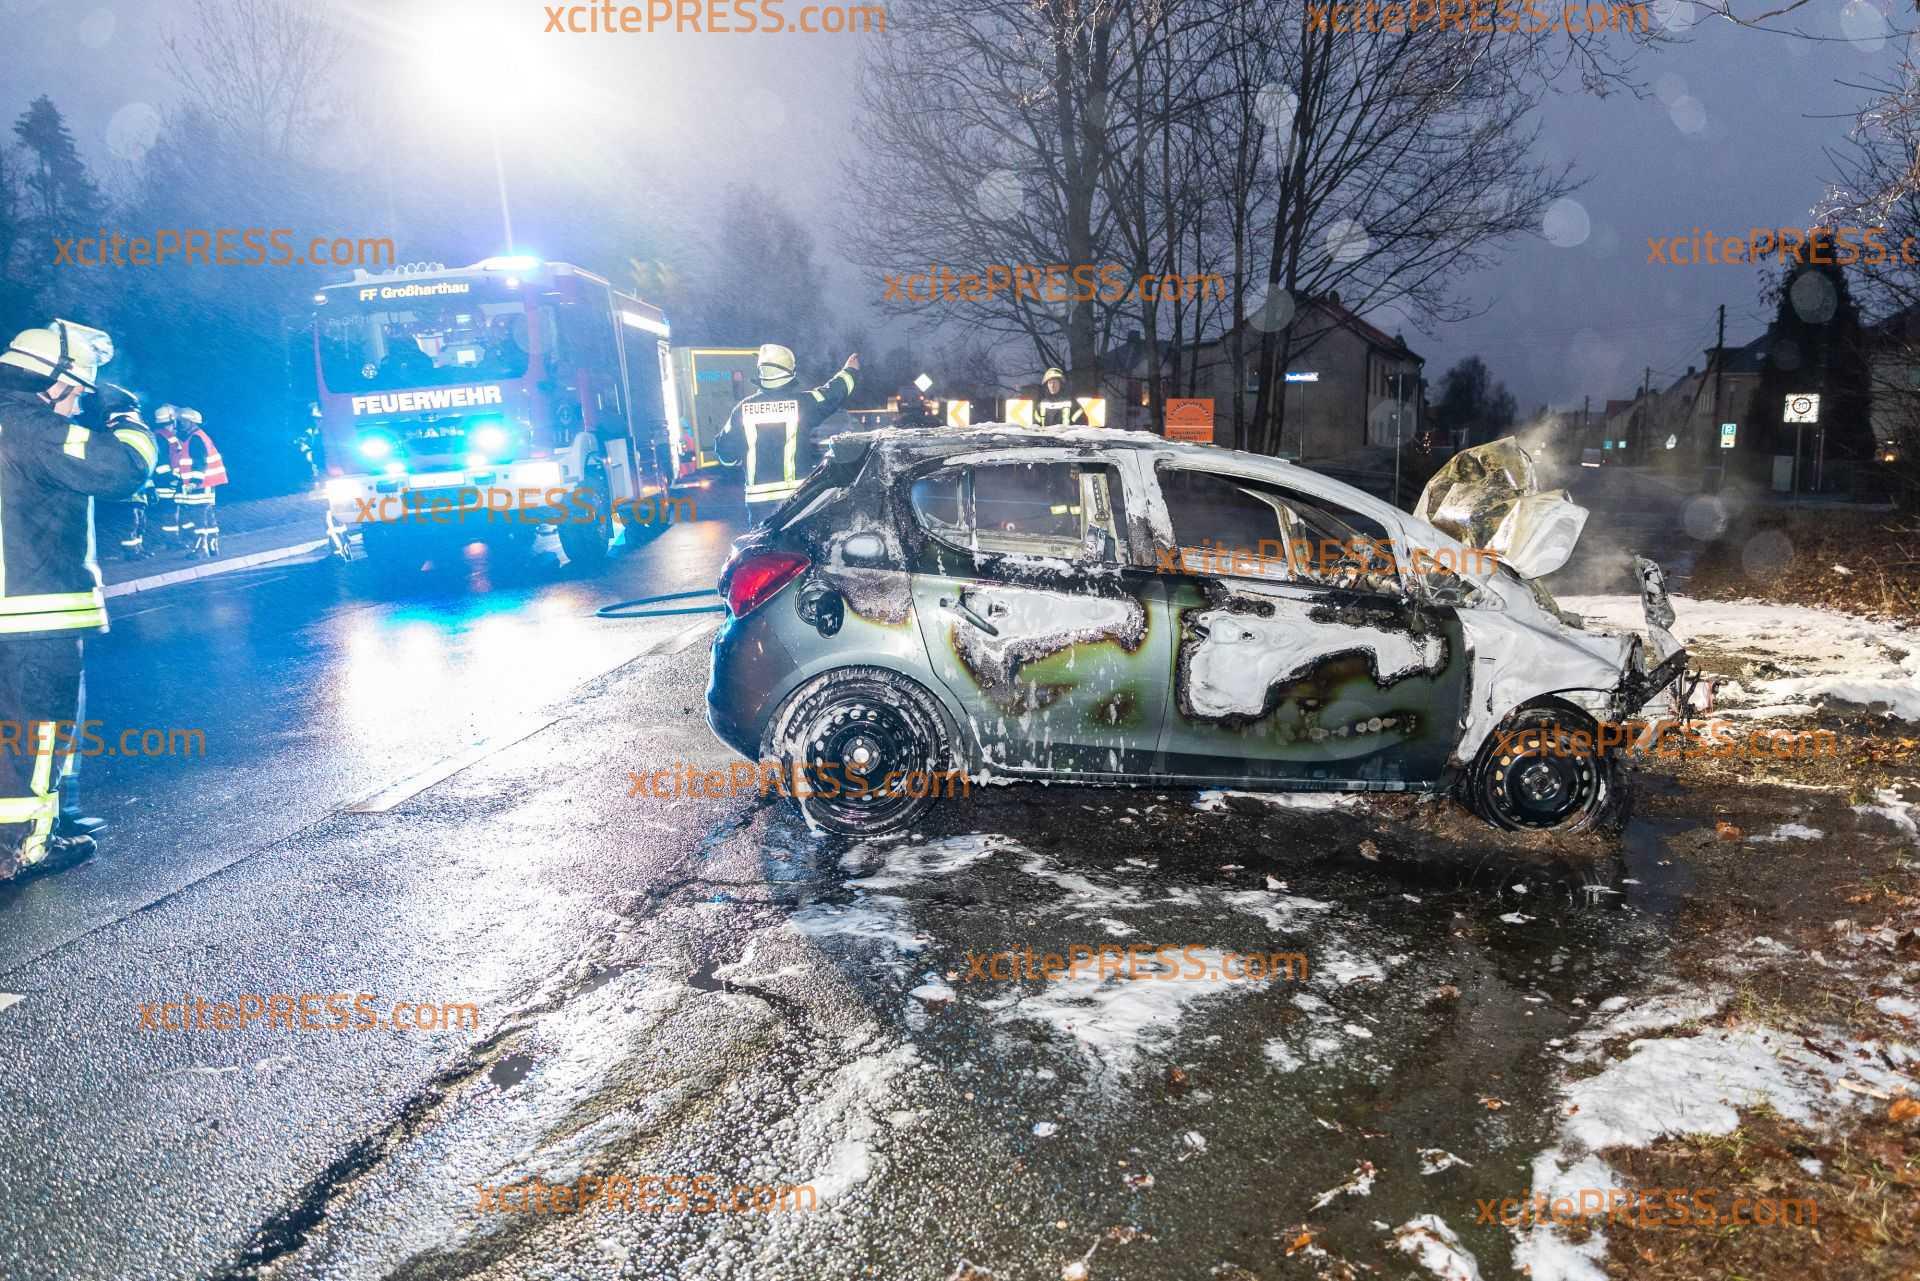 Auto kracht gegen Baum und geht in Flammen auf: Wagen brennt vollständig aus, Fahrer wird verletzt